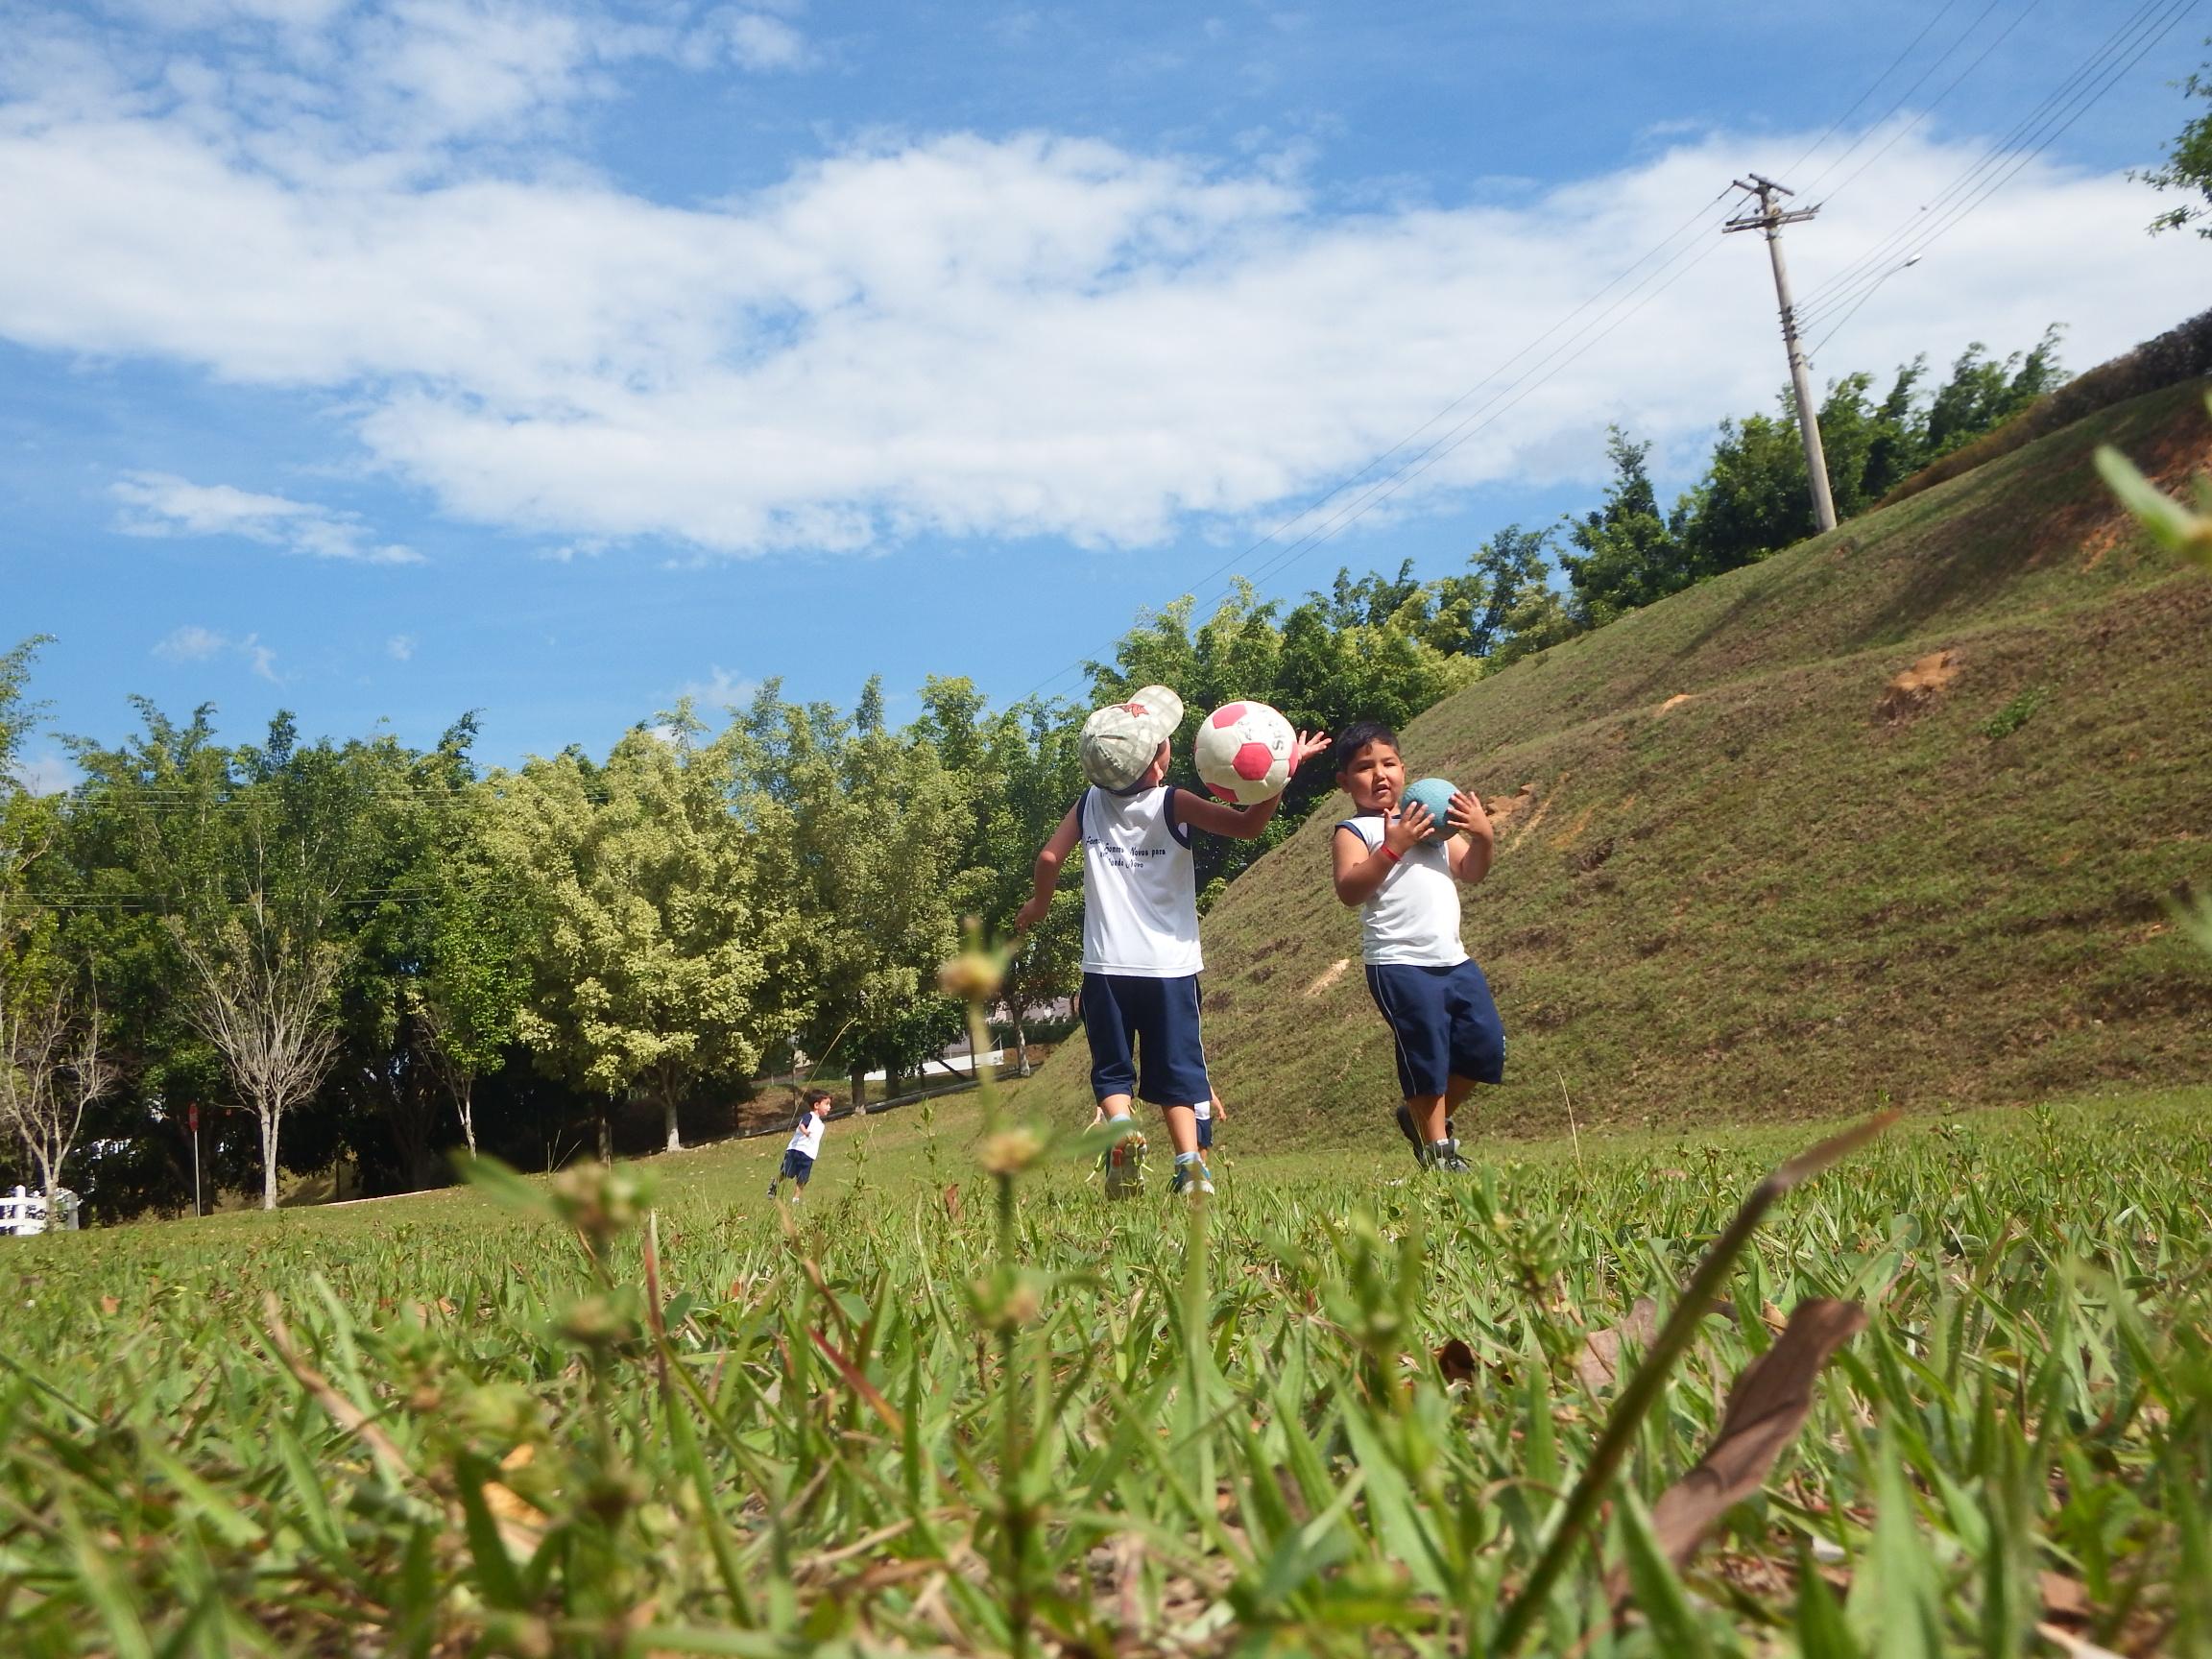 É importante que a criança tenha liberdade de brincar (Foto: Samuel Matos/instituto.cancaonova.com